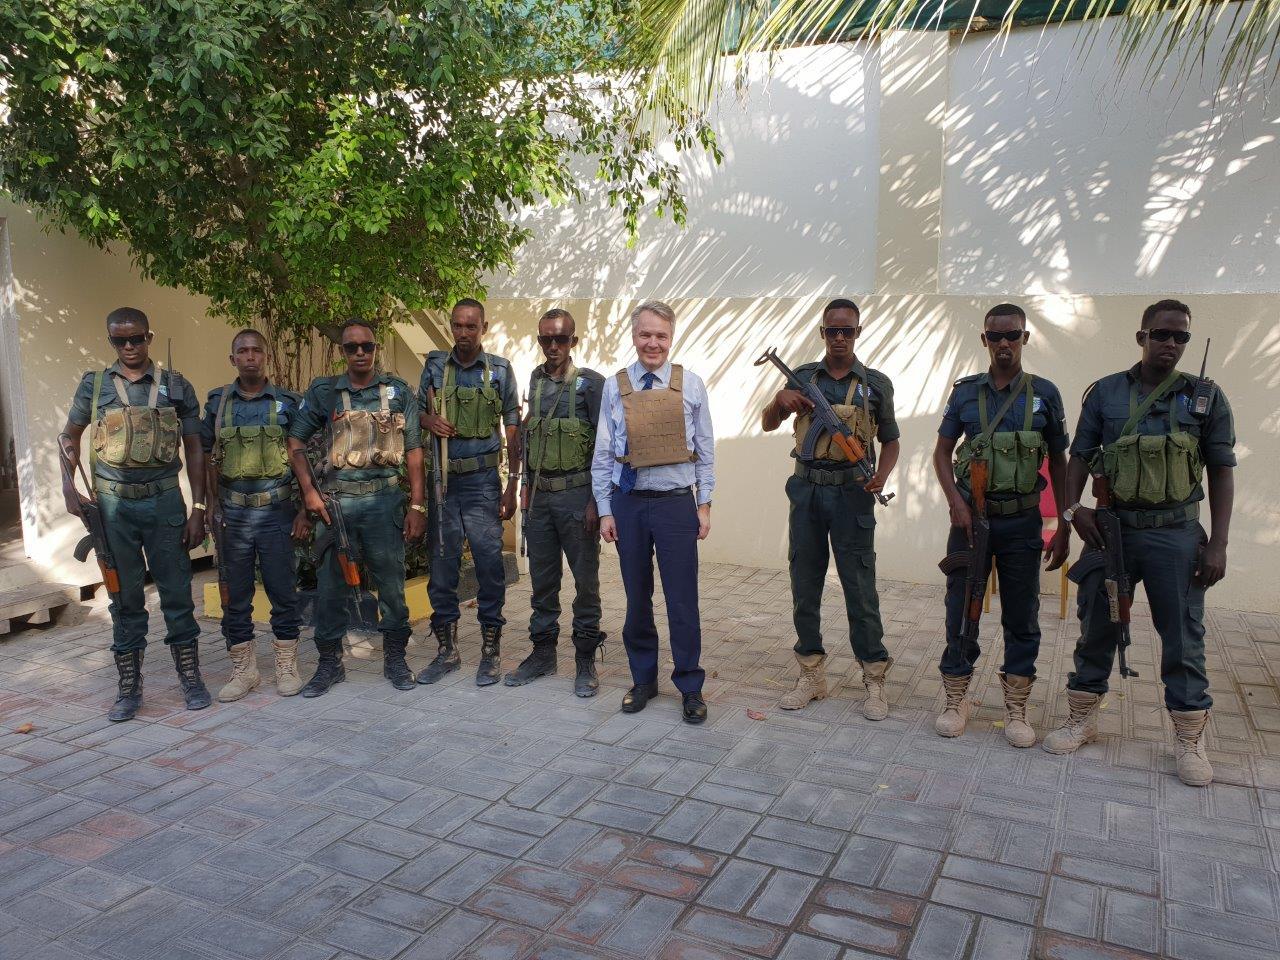 Kansainväliset vieraat liikkuvat vielä Mogadishussa luotiliivit päällä ja turvamiesten ympäröimänä. Kaupungissa on kuitenkin jo avattu paljon uusia kauppoja ja liiketiloja.